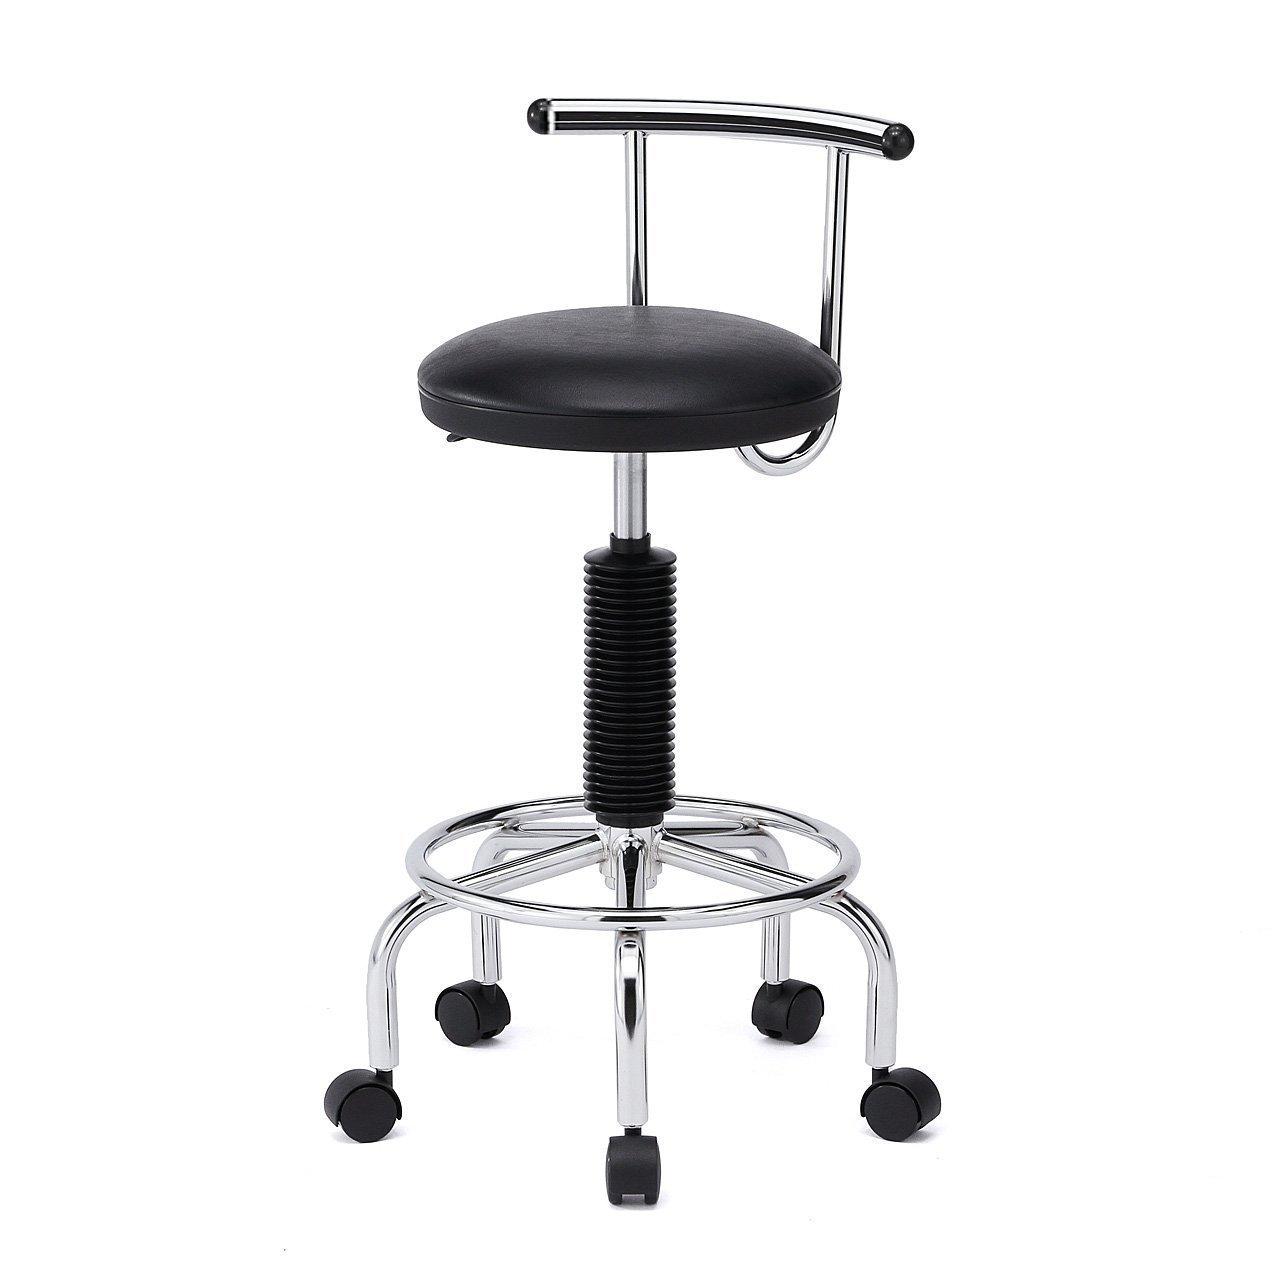 イーサプライ 2WAY カウンターチェア キャスター アジャスター両対応 バーカウンター 腰痛対策 回転椅子 ブラック EZ15-SNCH008BK B019SIGX7I